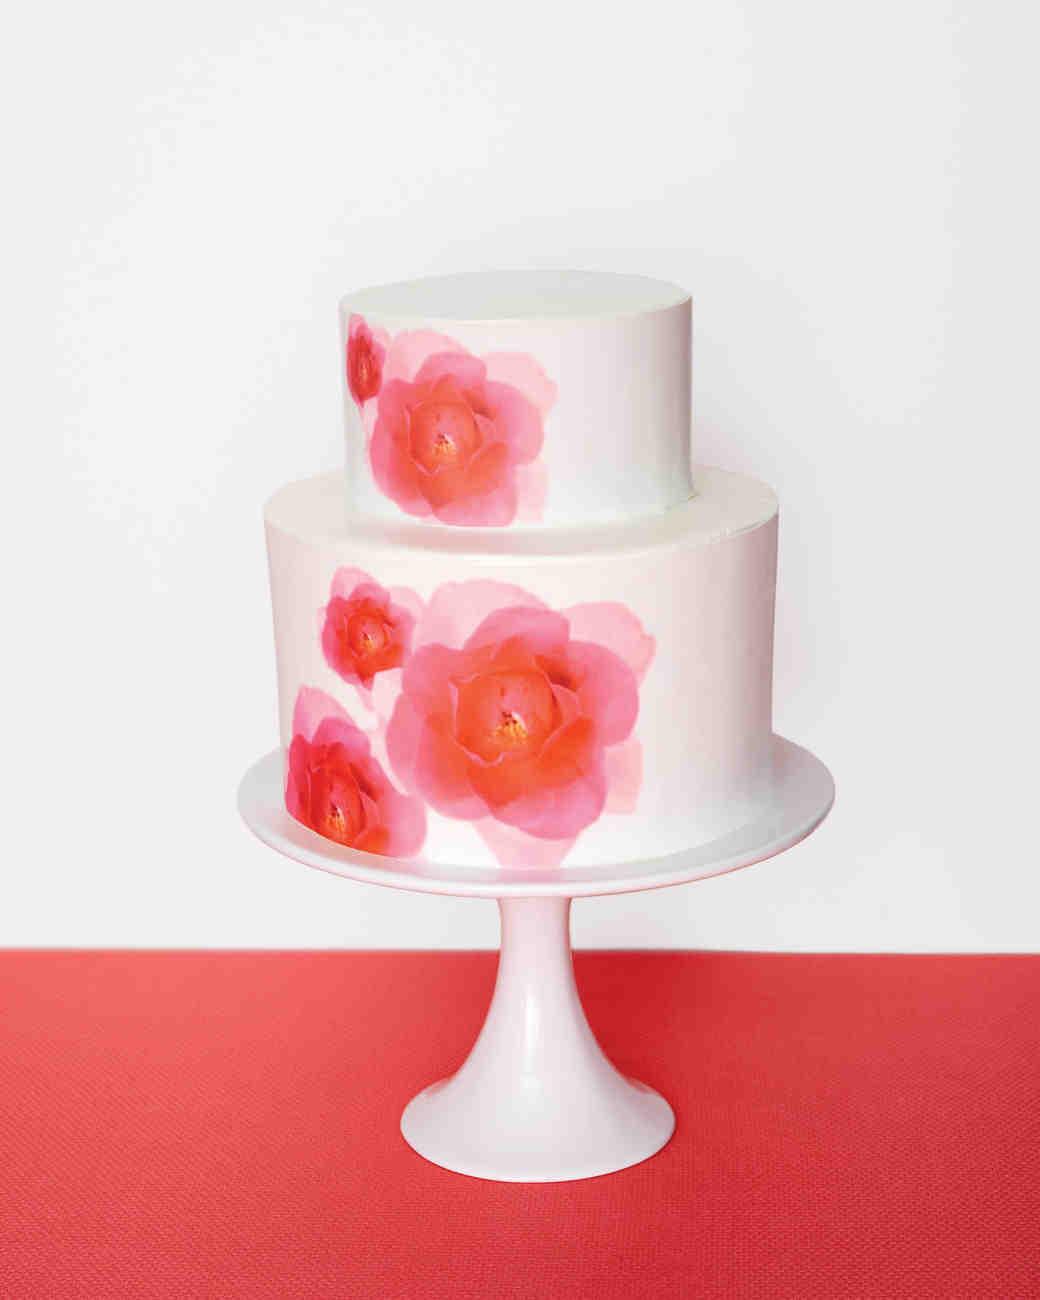 red-white-floral-cake-opener-269-d112935.jpg